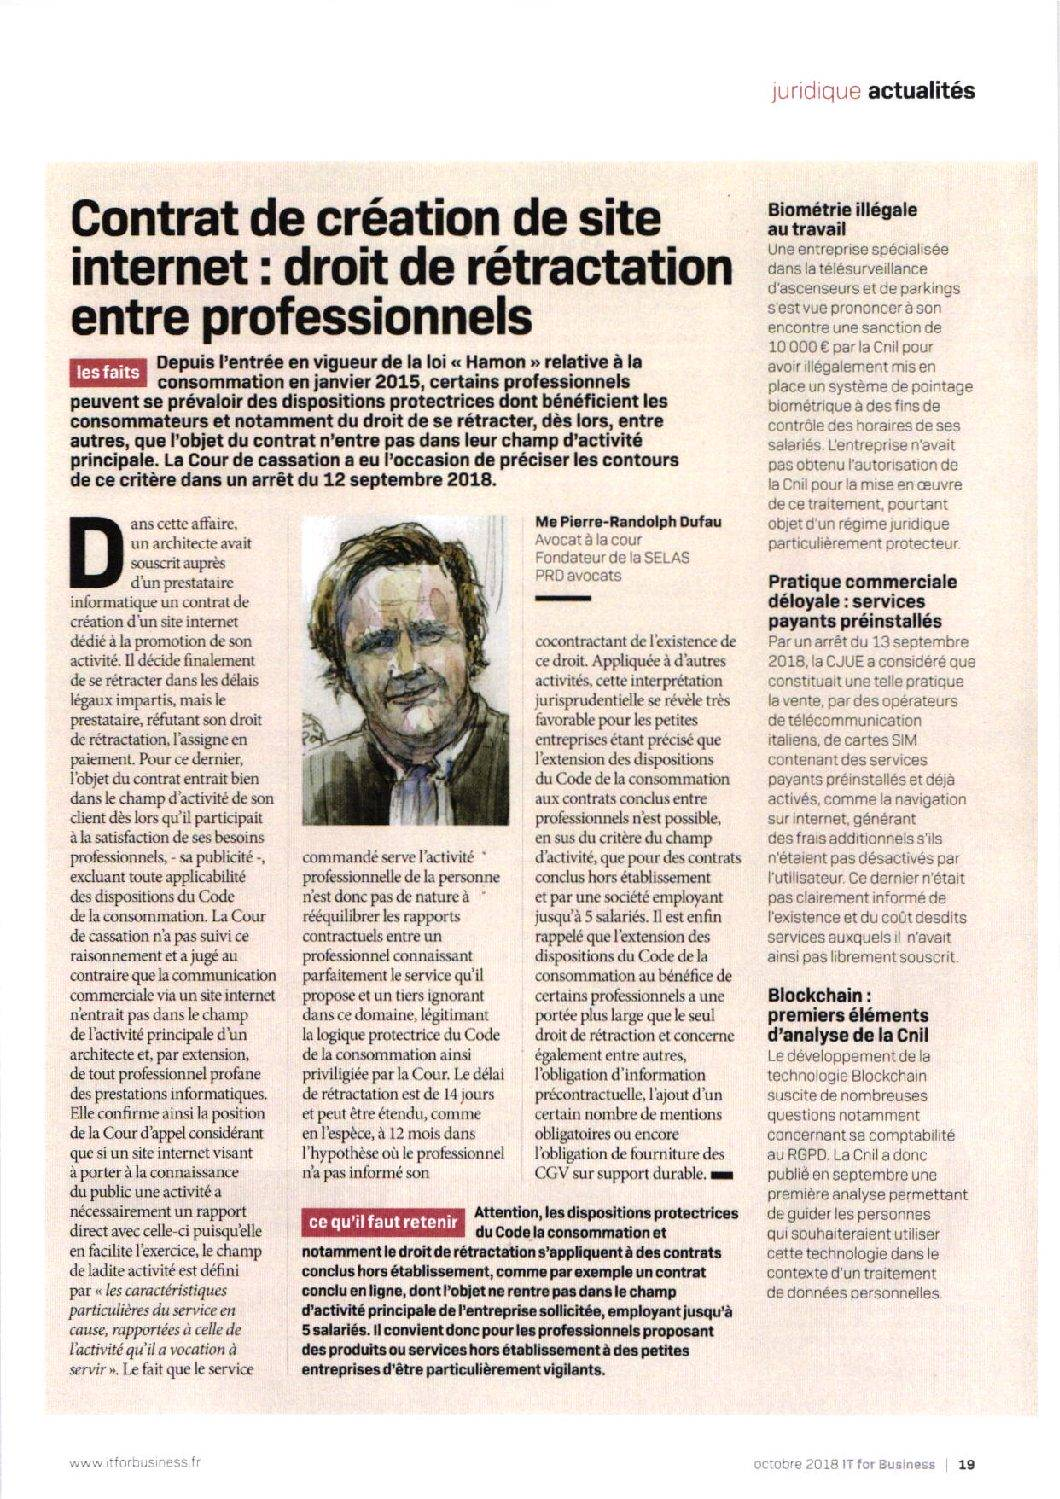 Contrat de création de site internet : droit de rétractation entre professionnels